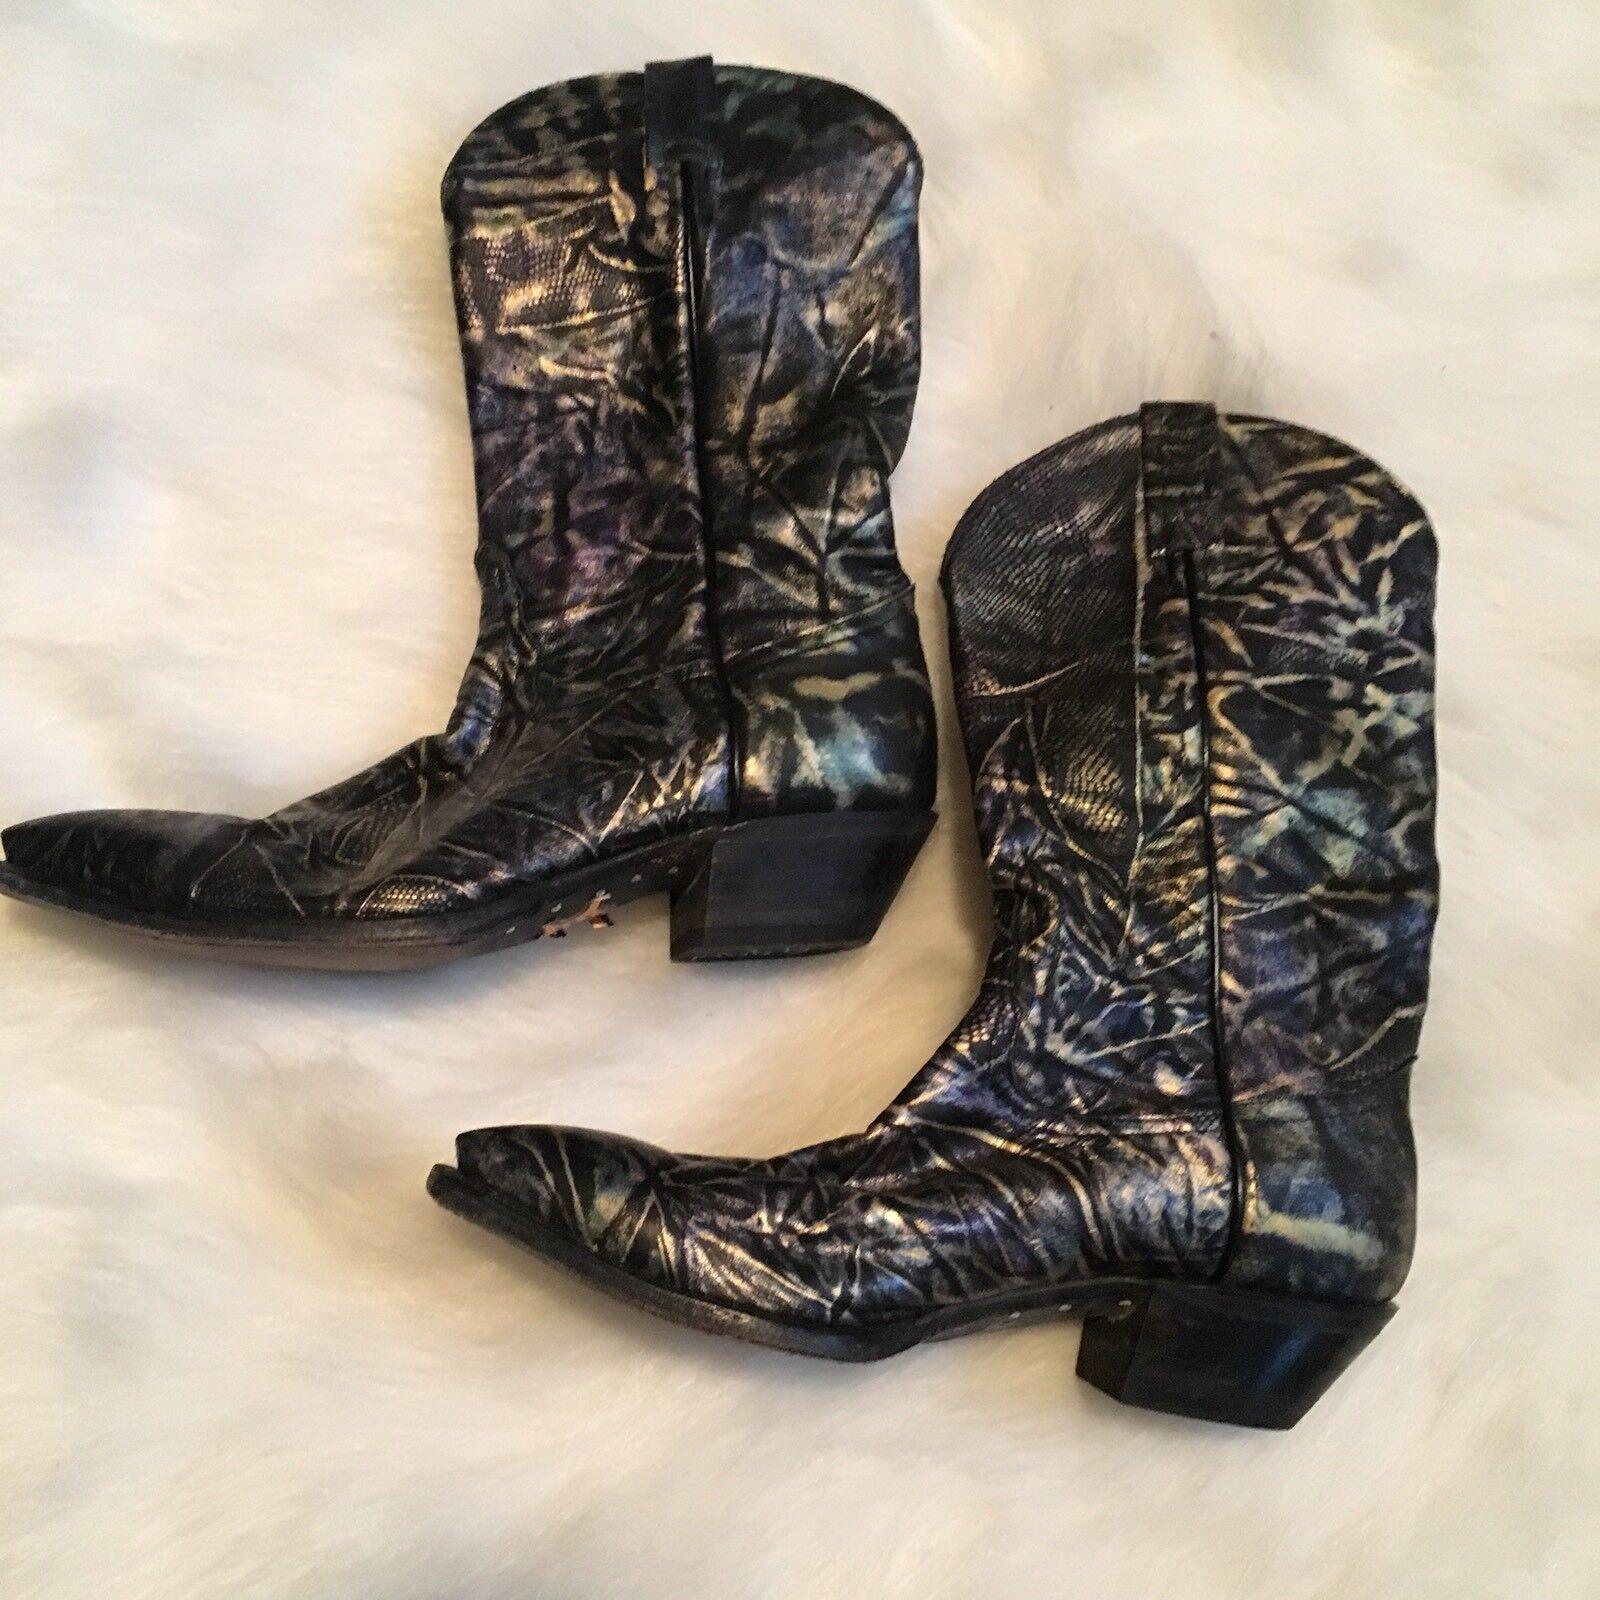 Tony Lama Cowboy Stiefel 1130 7.5 Metallic Electric Farbeful 1130 Stiefel Leder Western 738696